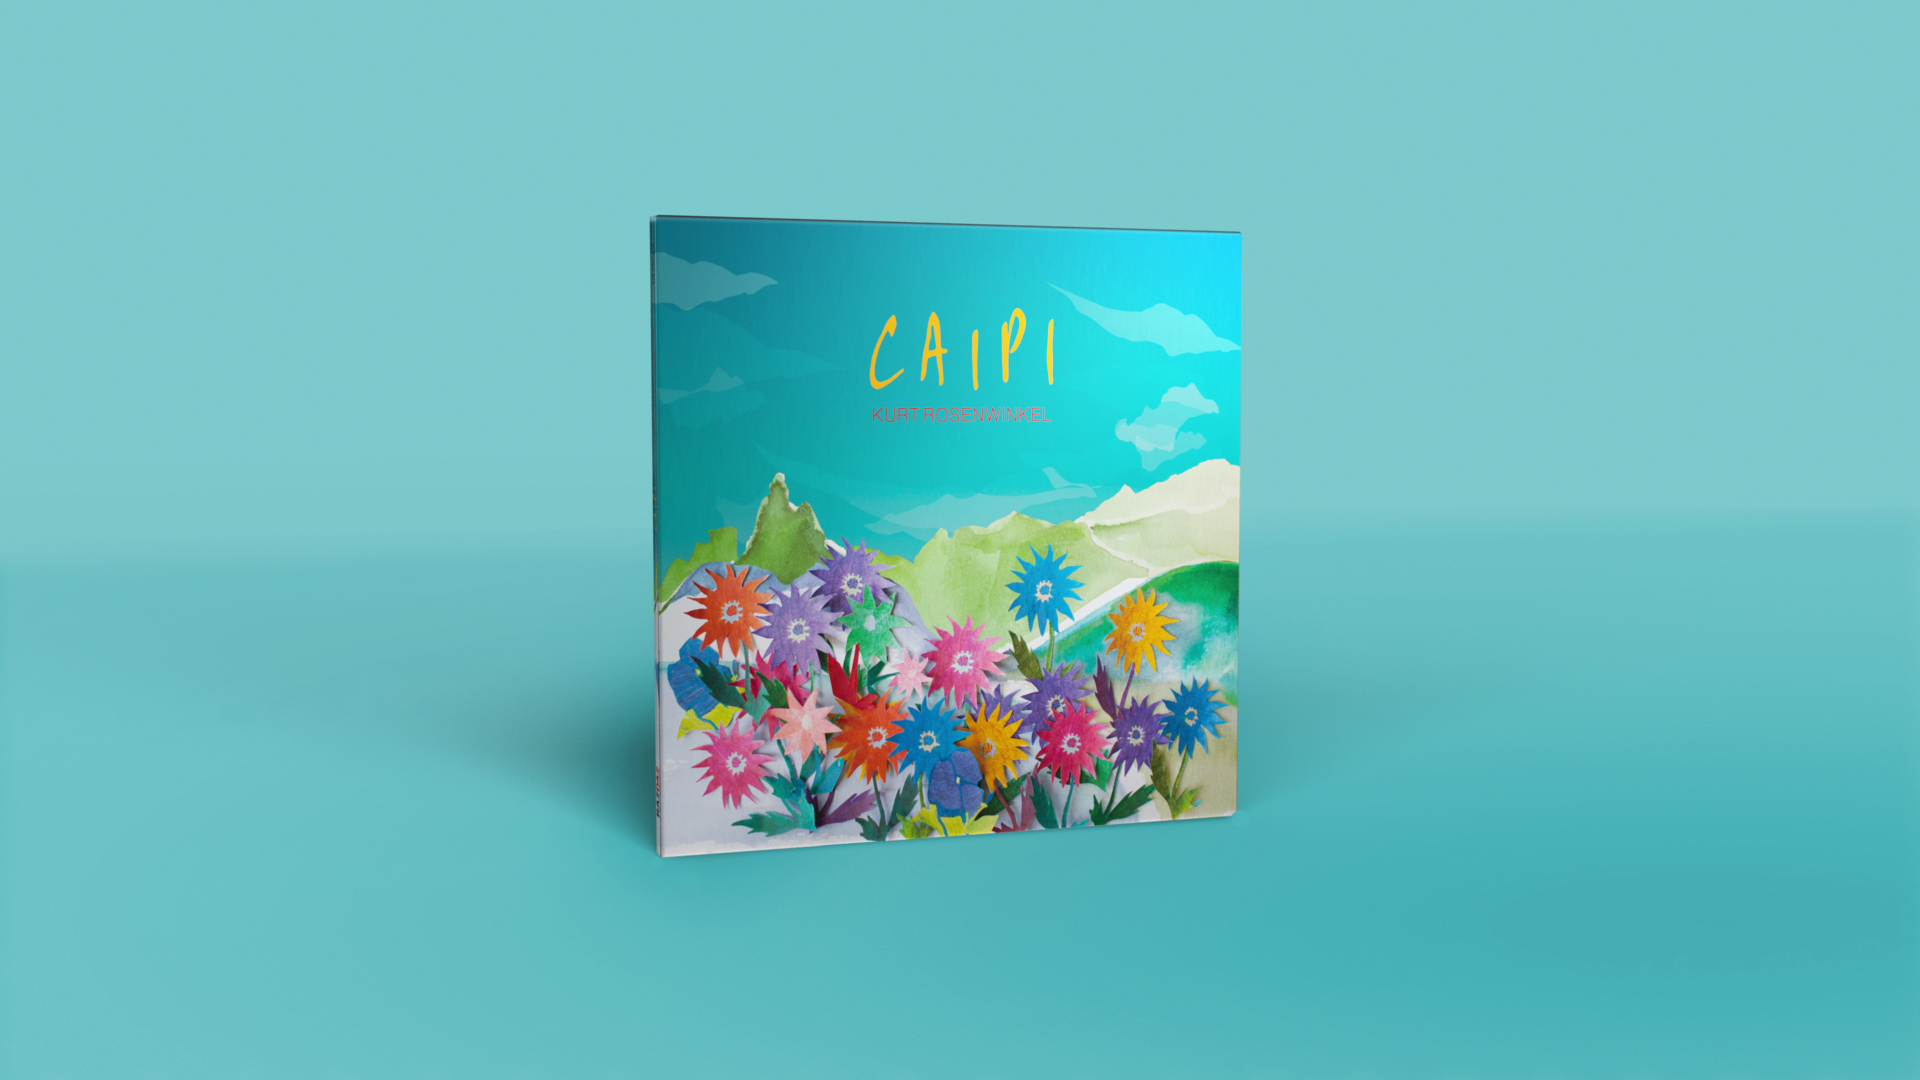 Caipi - cover